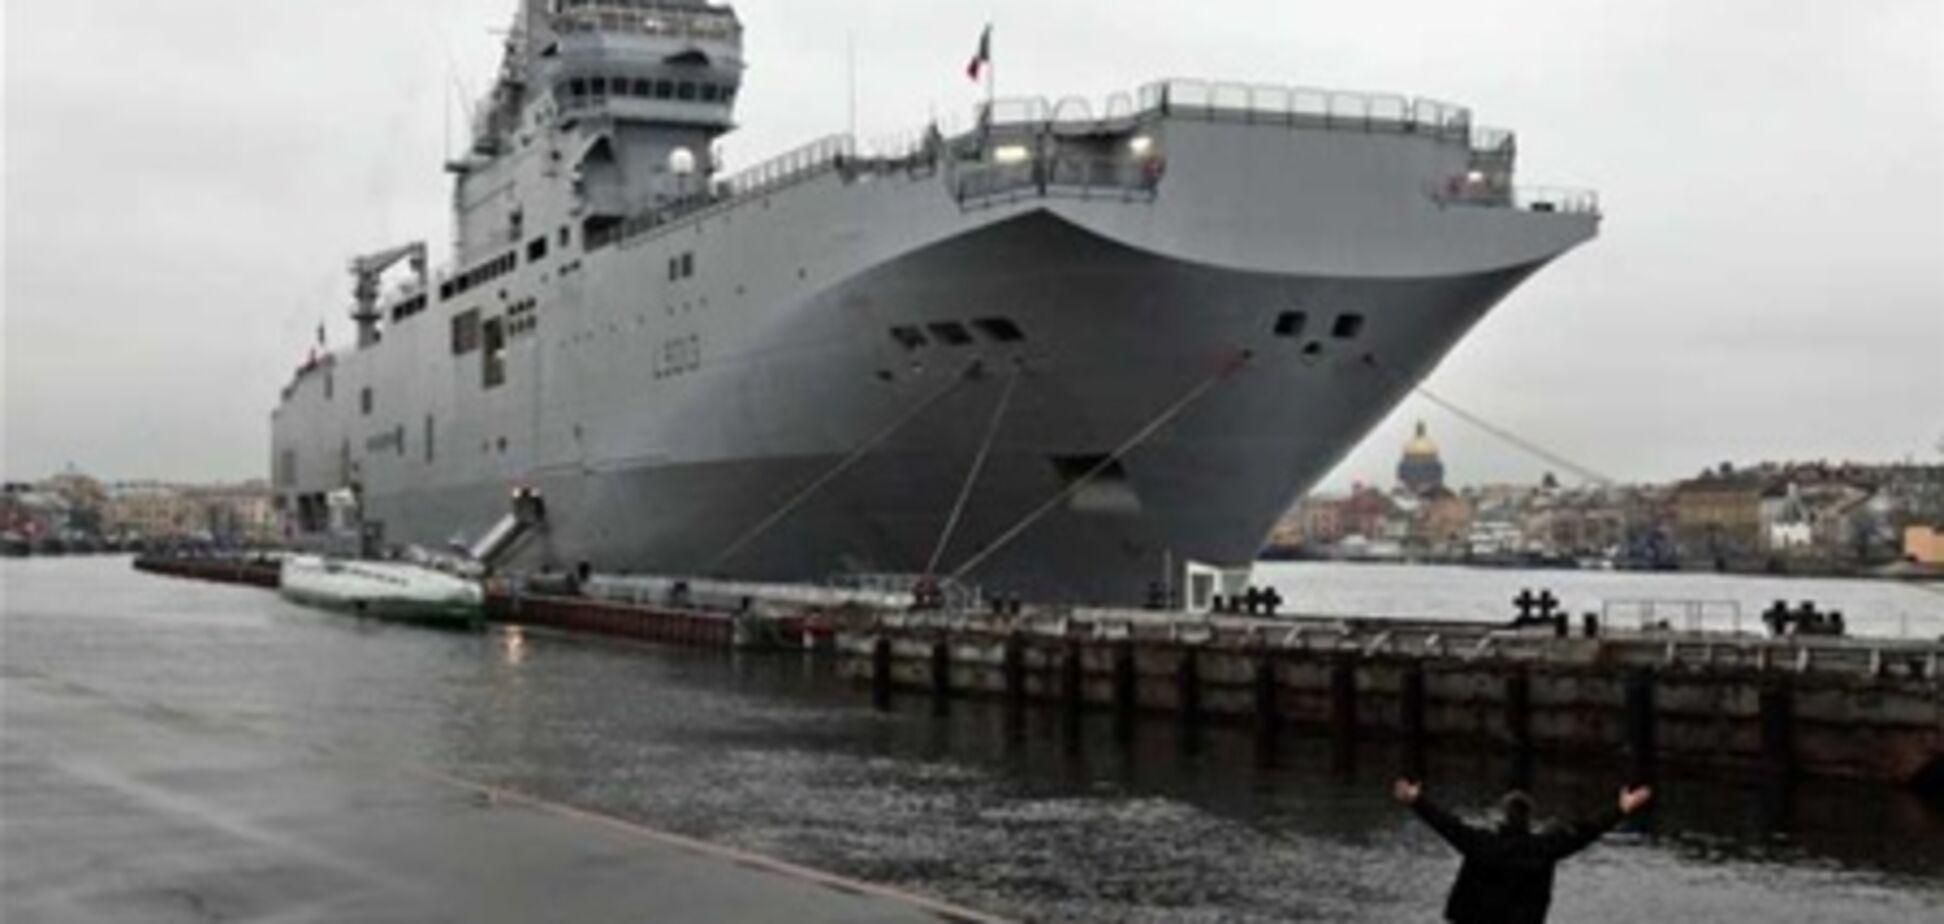 Франція так зраділа військовому контрактом з РФ, що готова продати що завгодно